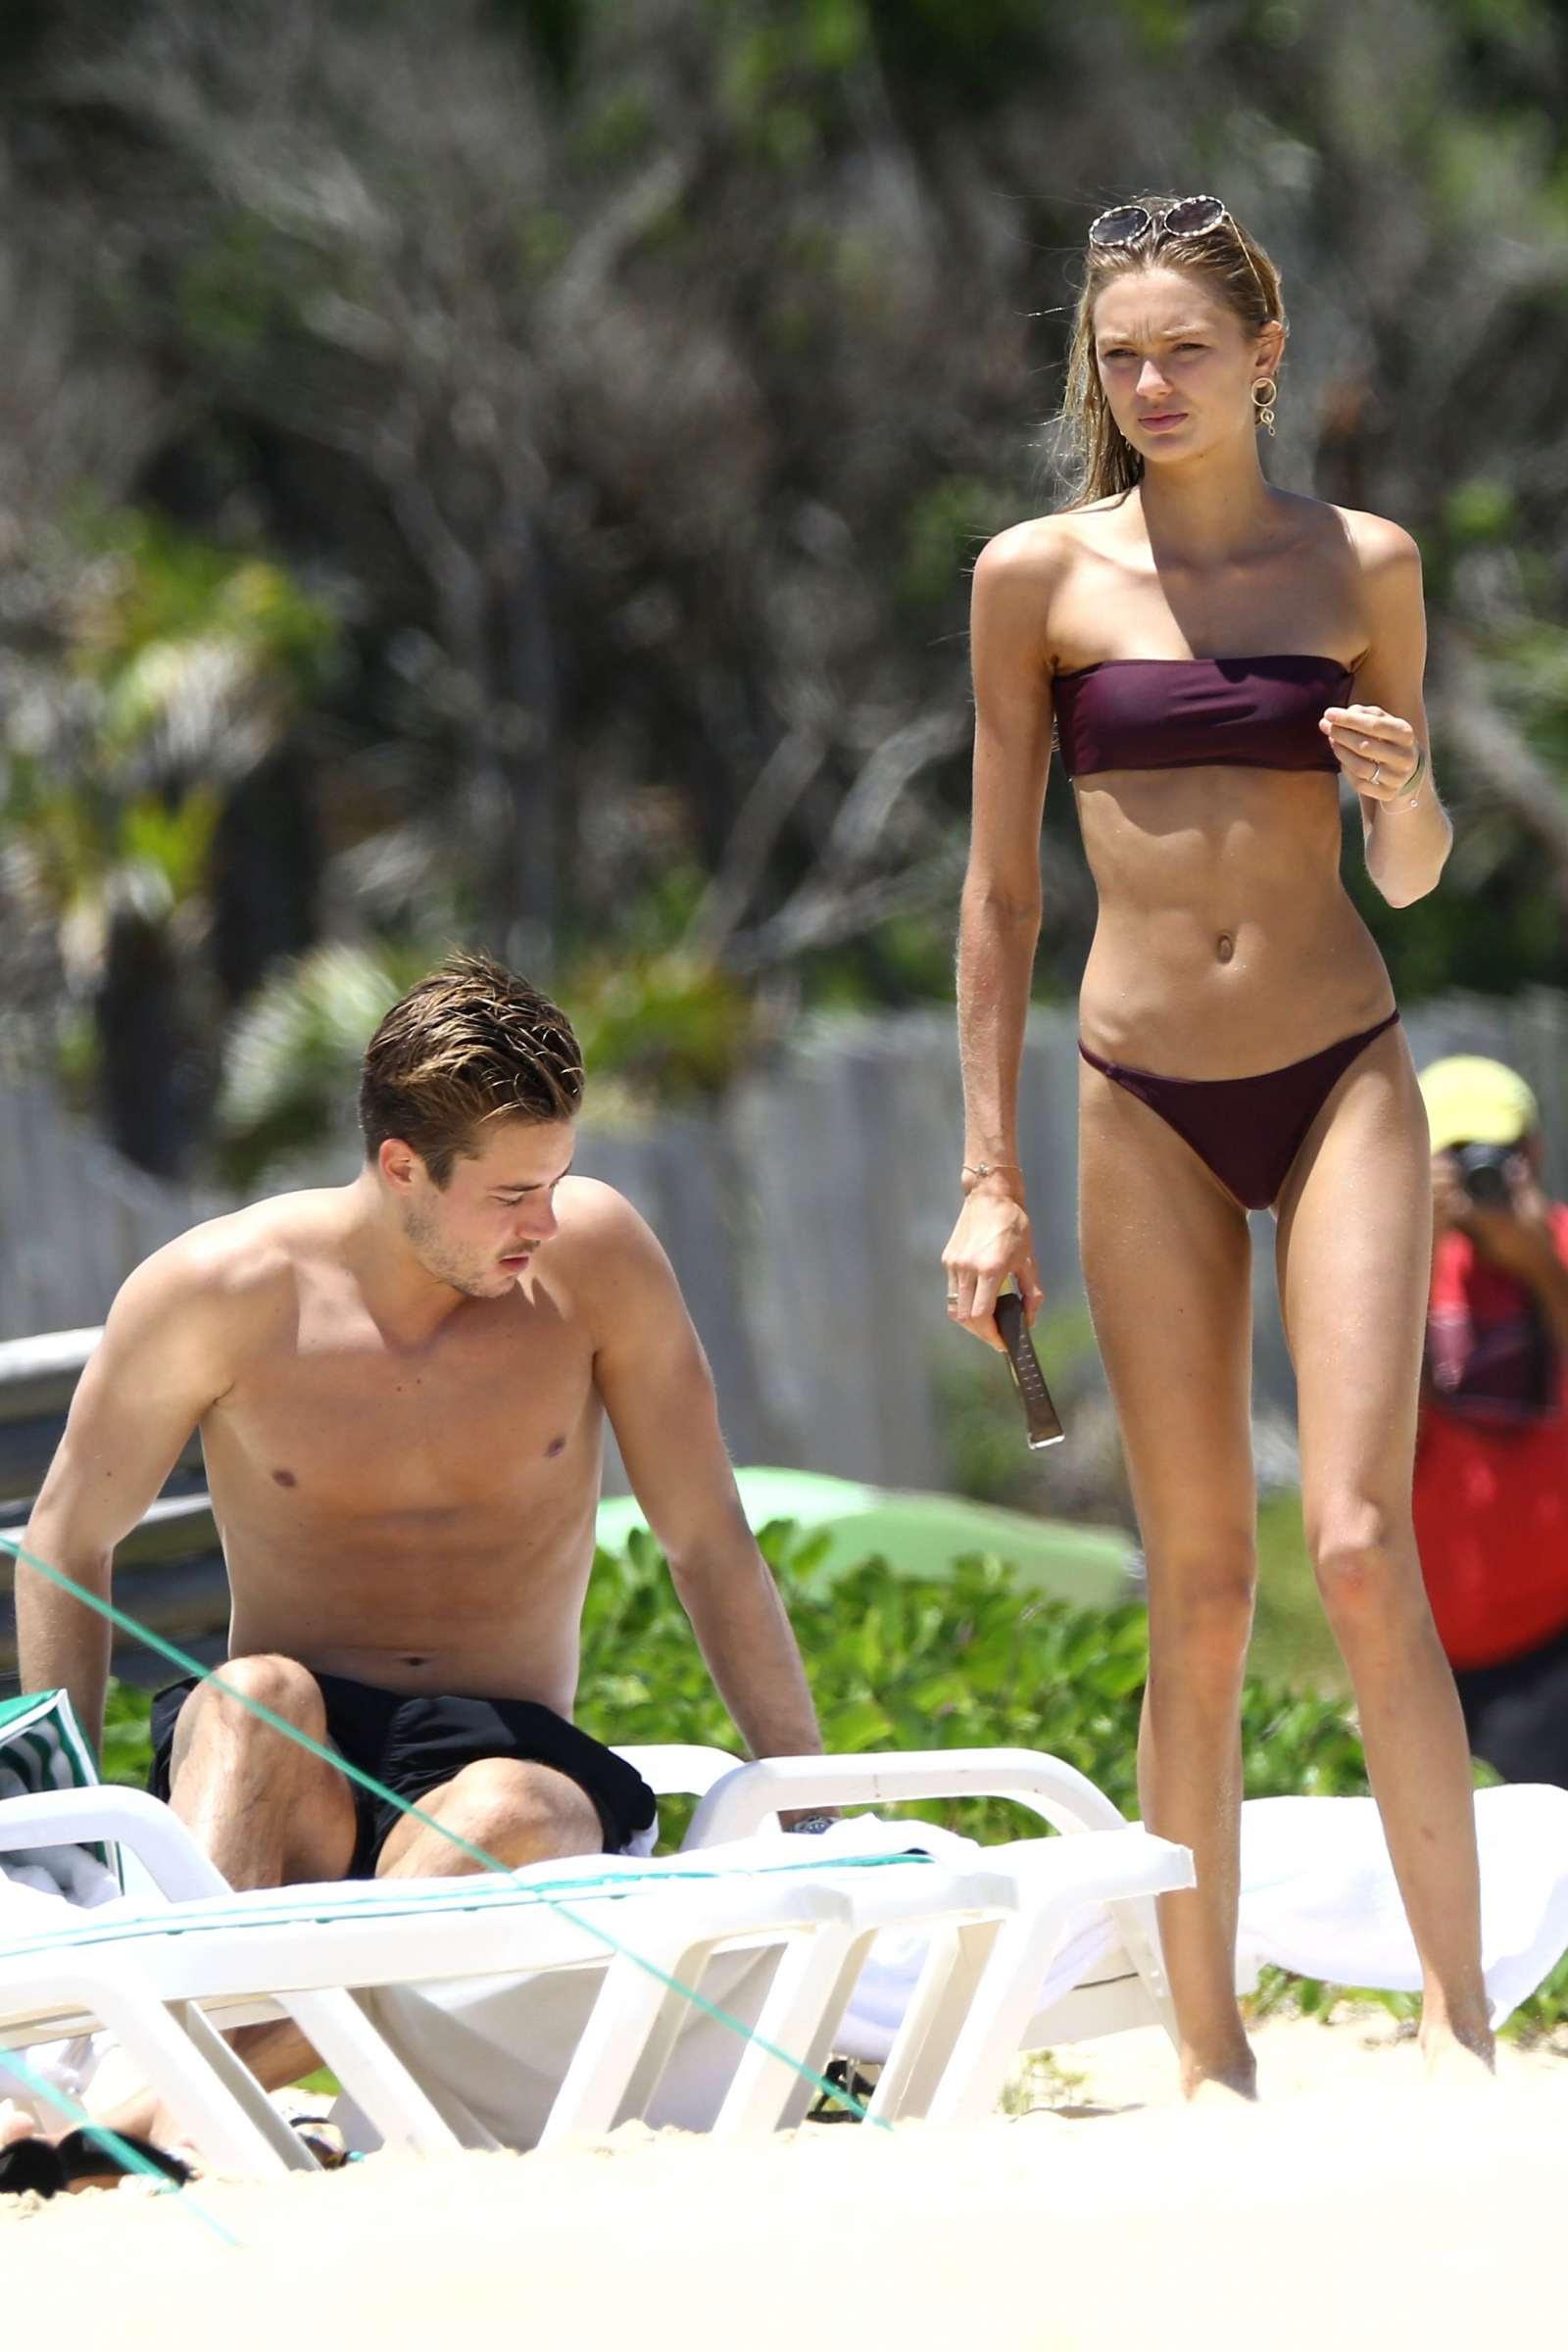 Romee Strijd in Bikini on the beach in Trancoso